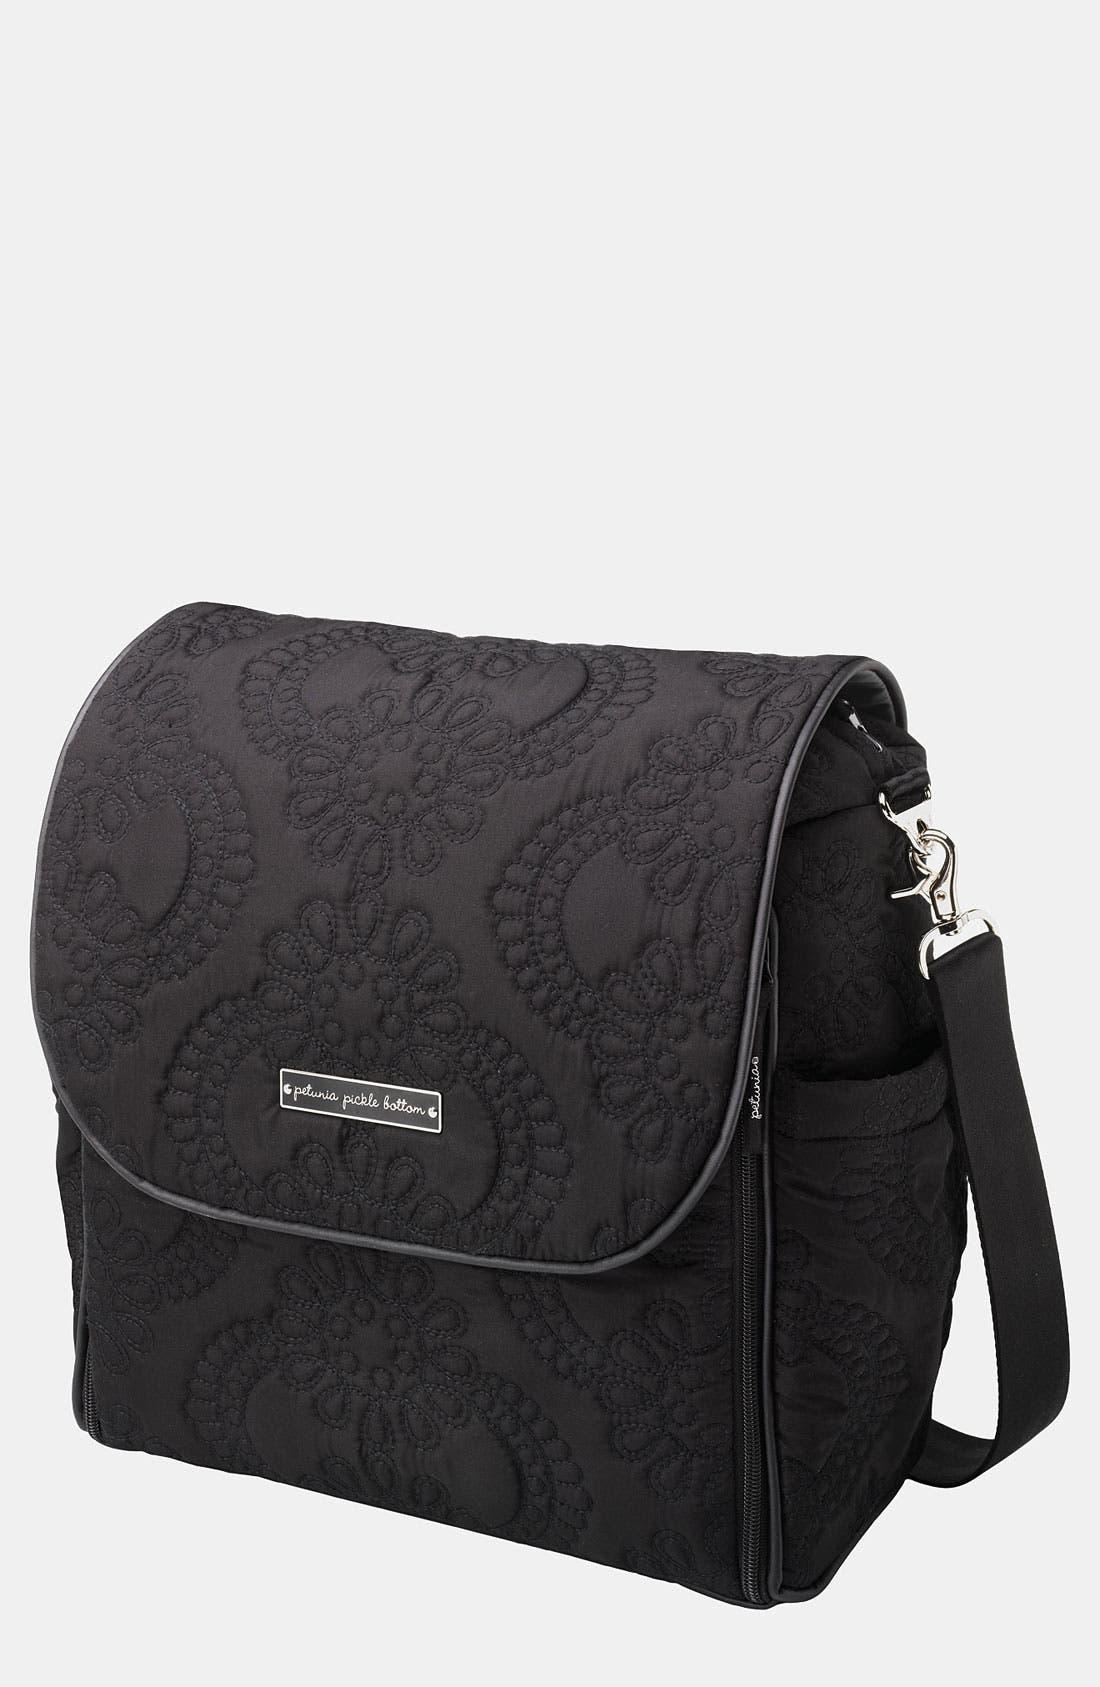 PETUNIA PICKLE BOTTOM,                             'Embossed Boxy' Magnetic Closure Backpack Diaper Bag,                             Main thumbnail 1, color,                             001